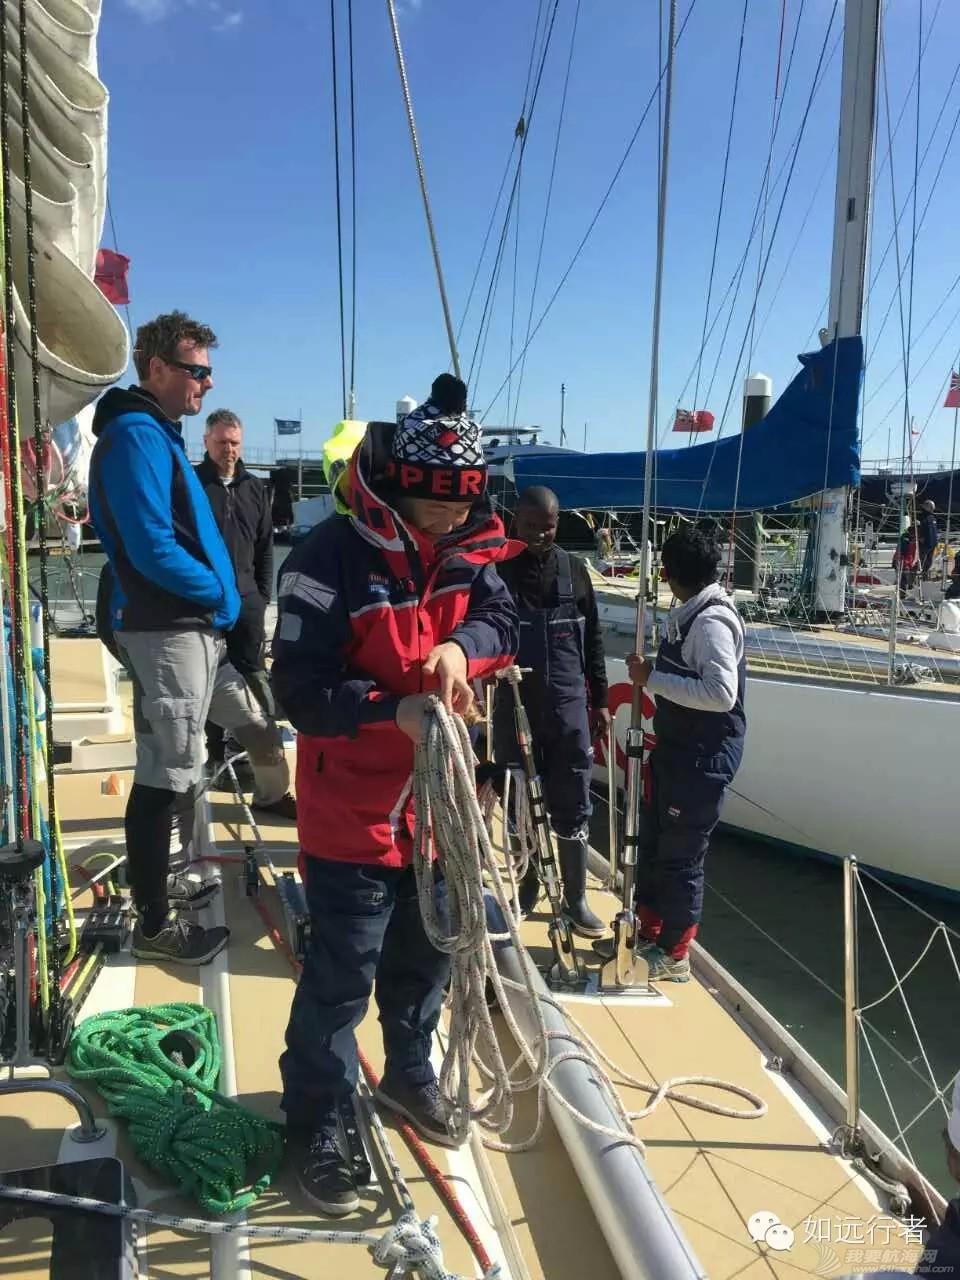 英语面试,体能测试,全世界,好奇心,最大的 克利伯环球帆船赛培训日记一~四 2f010250b4a4e940000ec4dbcee93a6c.jpg